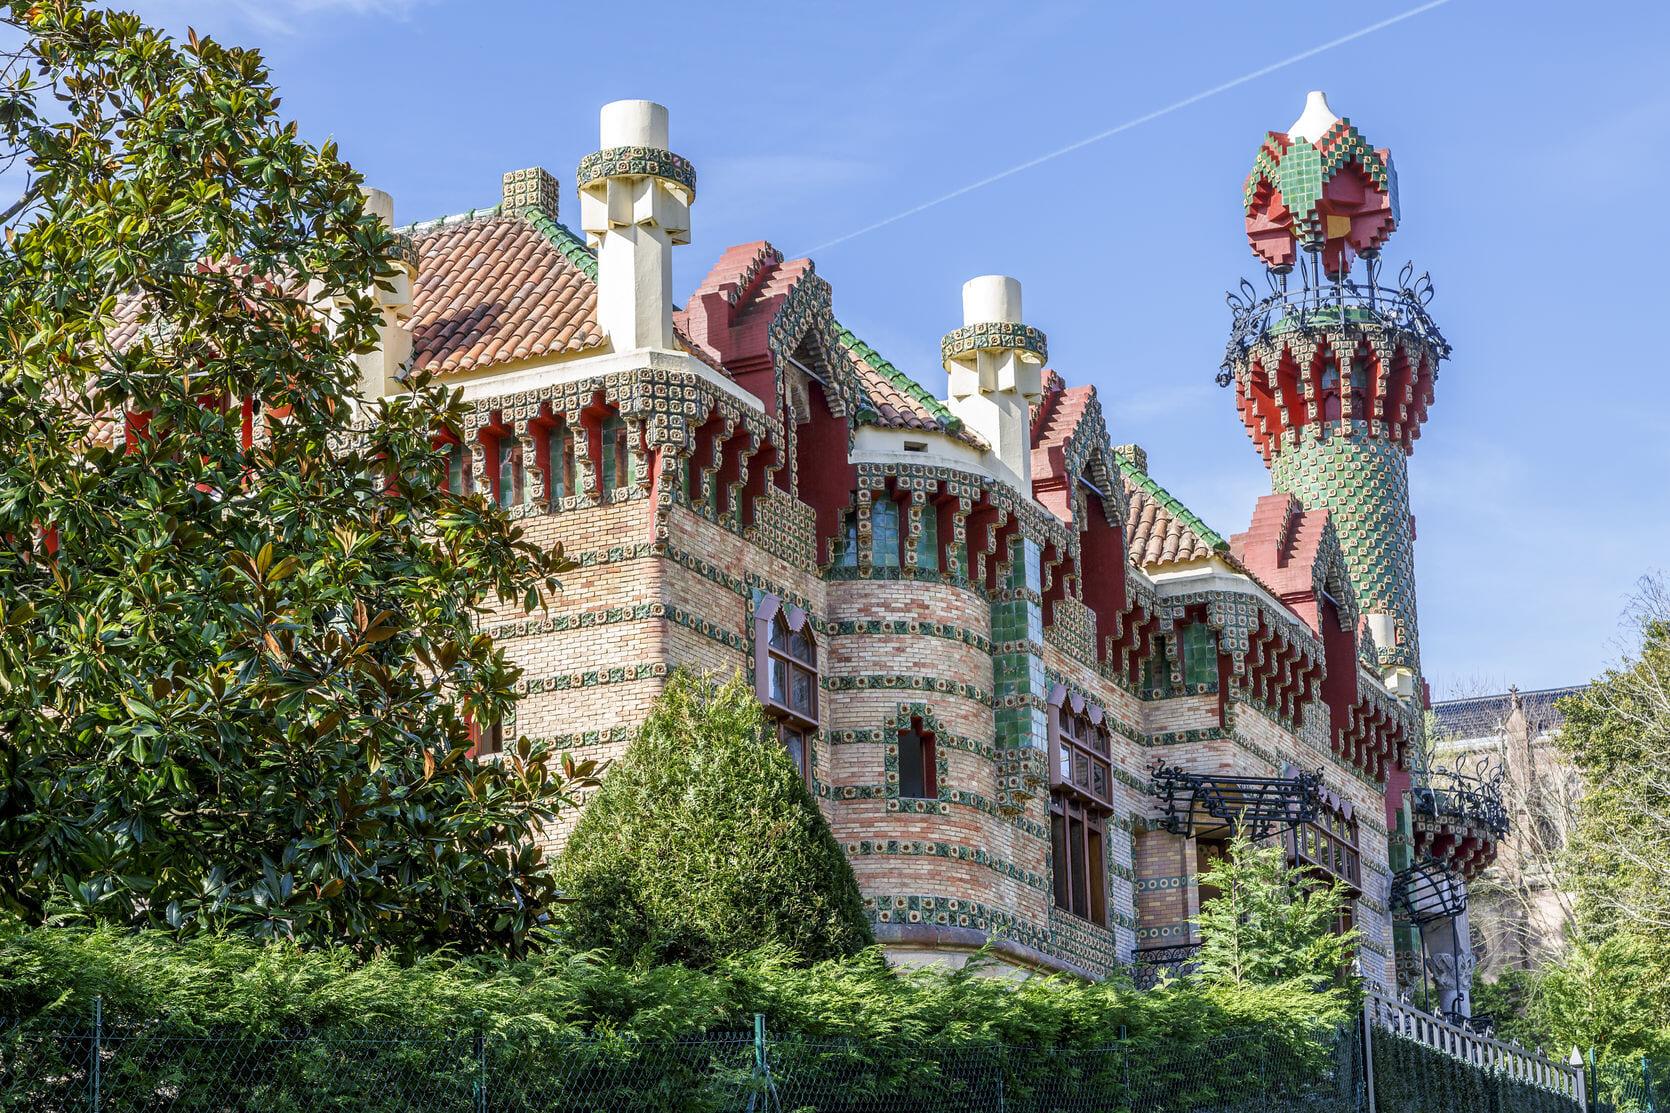 北スペインのモデルニスモ様式の建築物